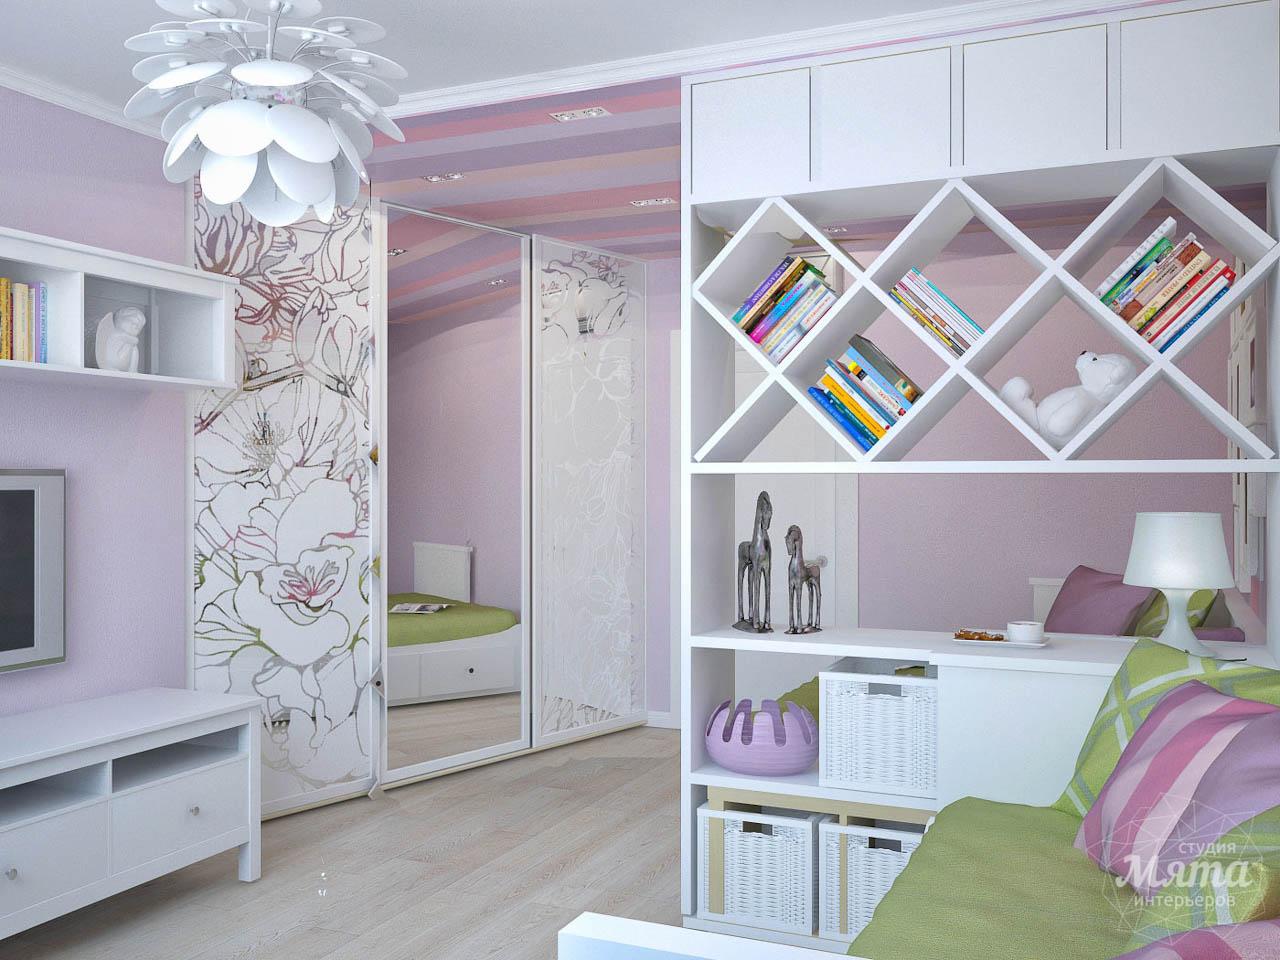 Дизайн интерьера и ремонт трехкомнатной квартиры по ул. Фучика 9 img691760851